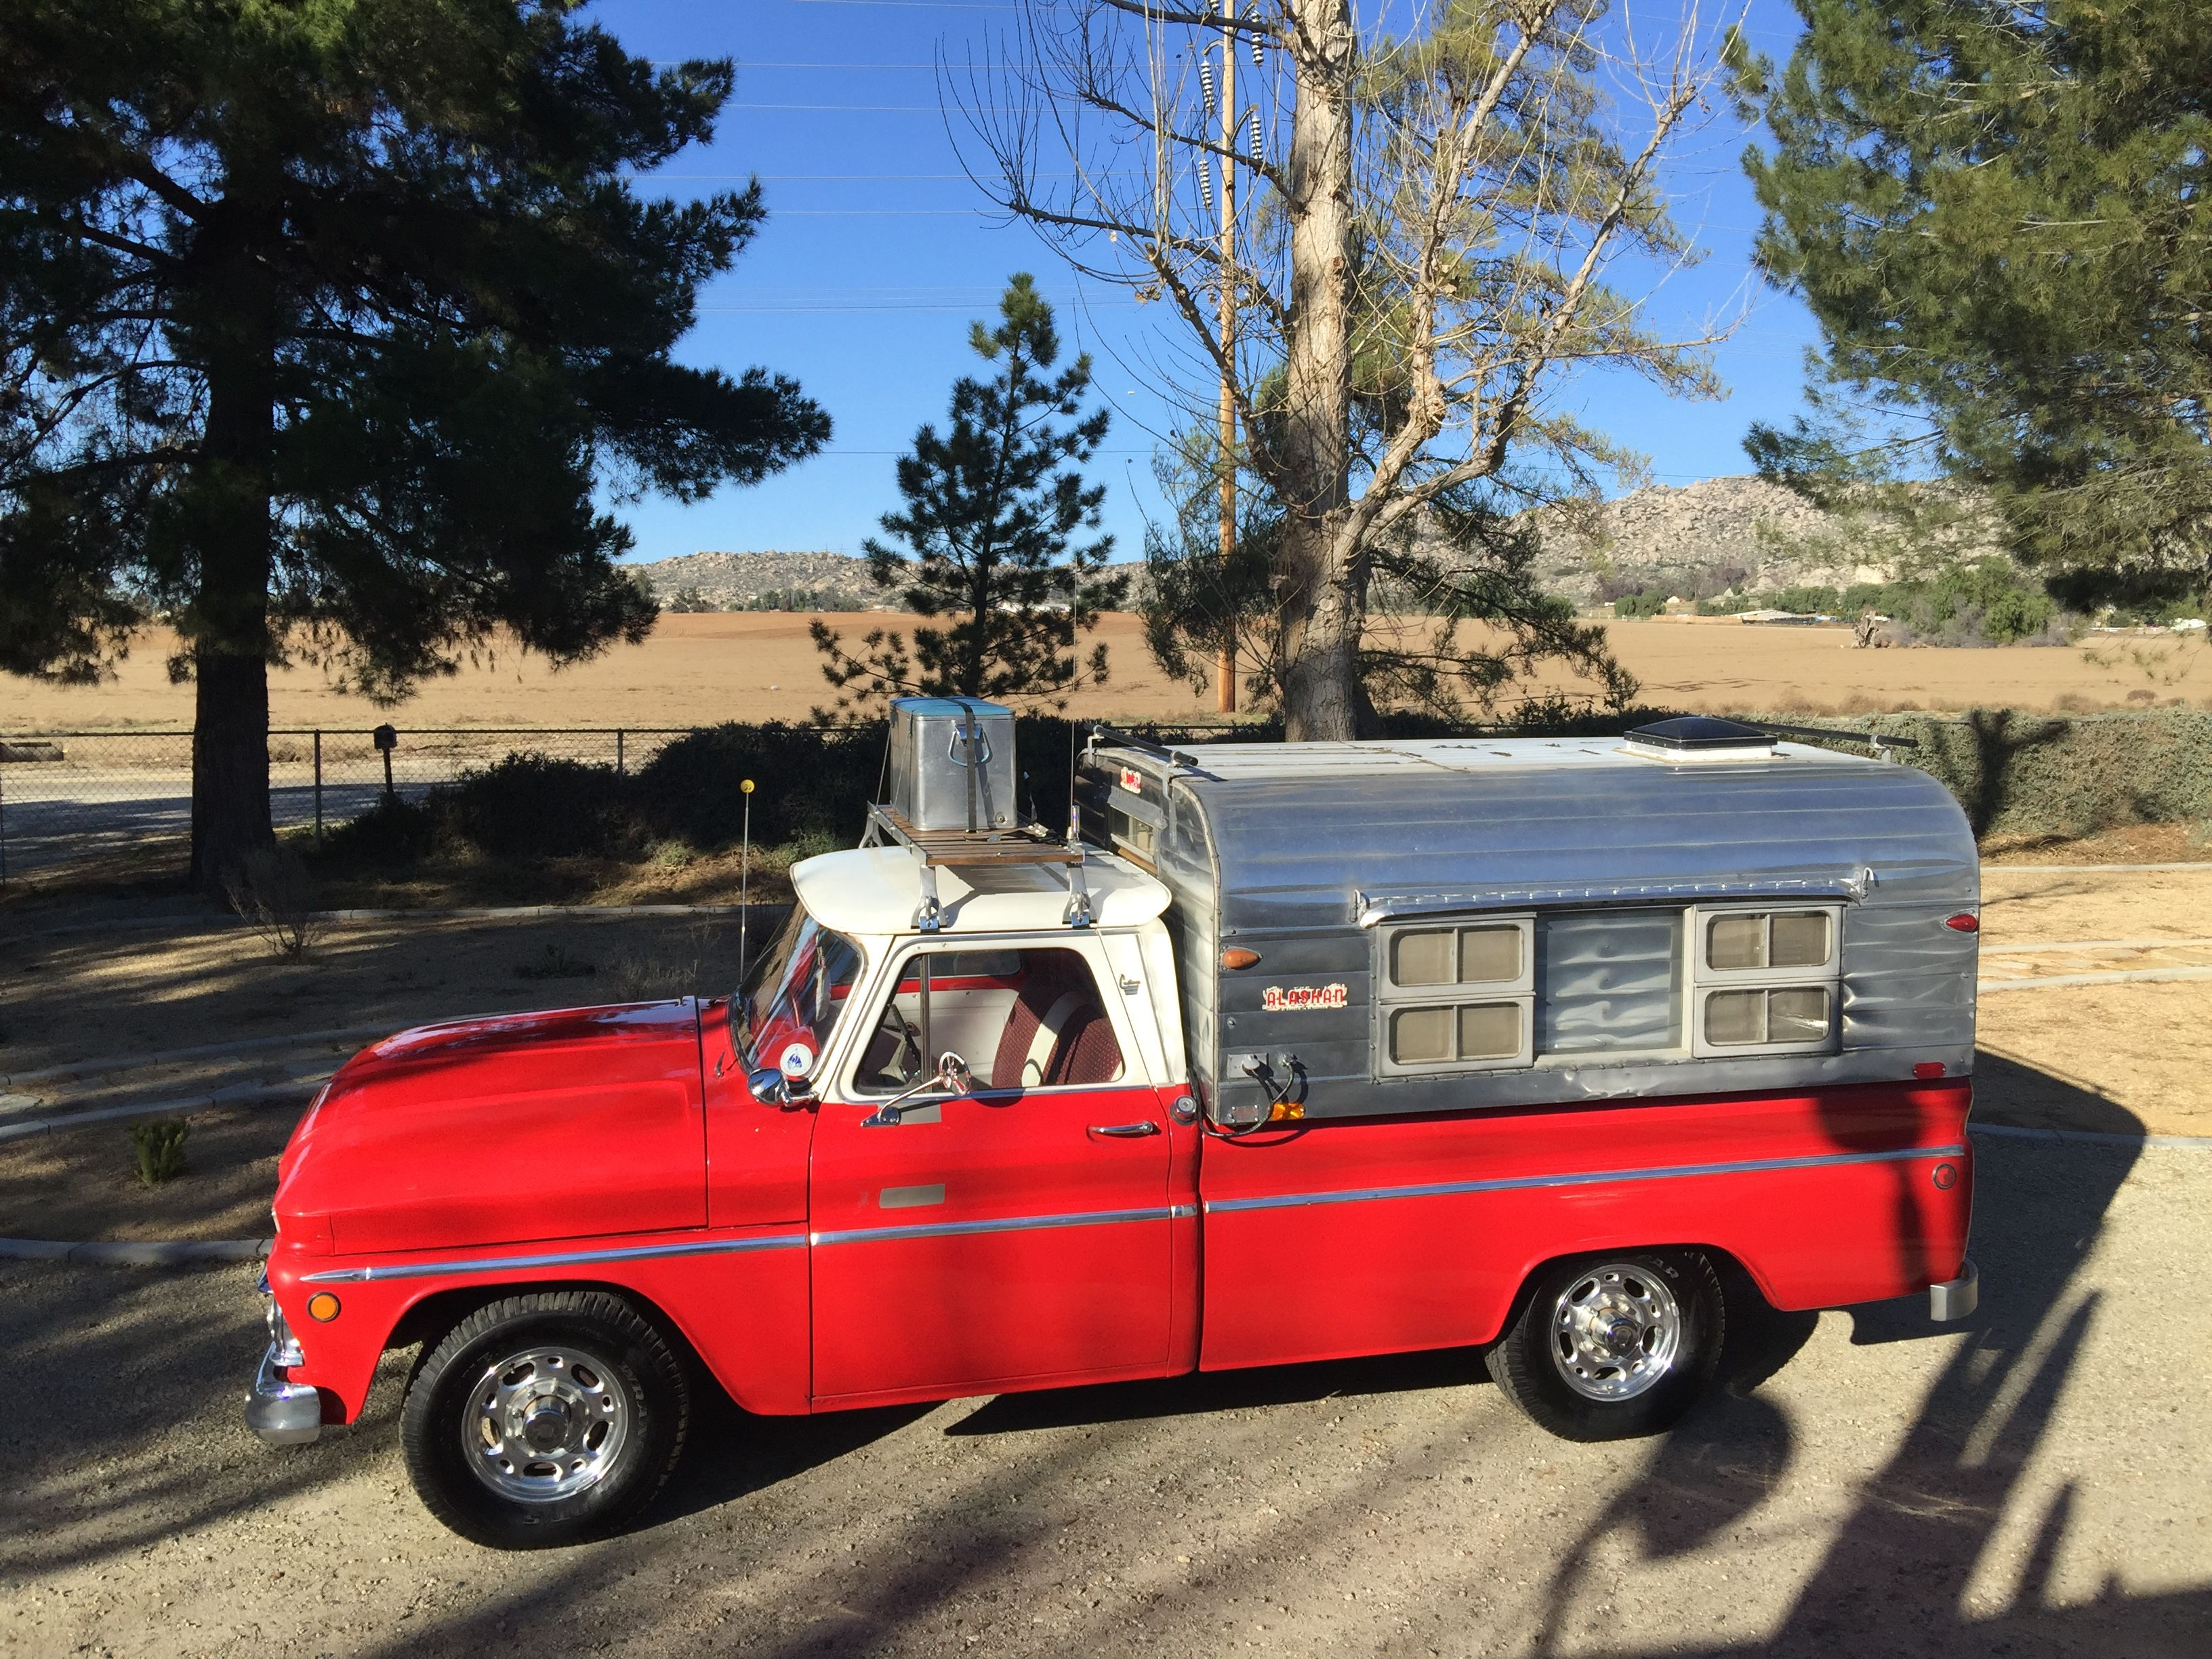 1964 GMC 1966 Alaskan Camper Pickup CamperTruck CamperVintage